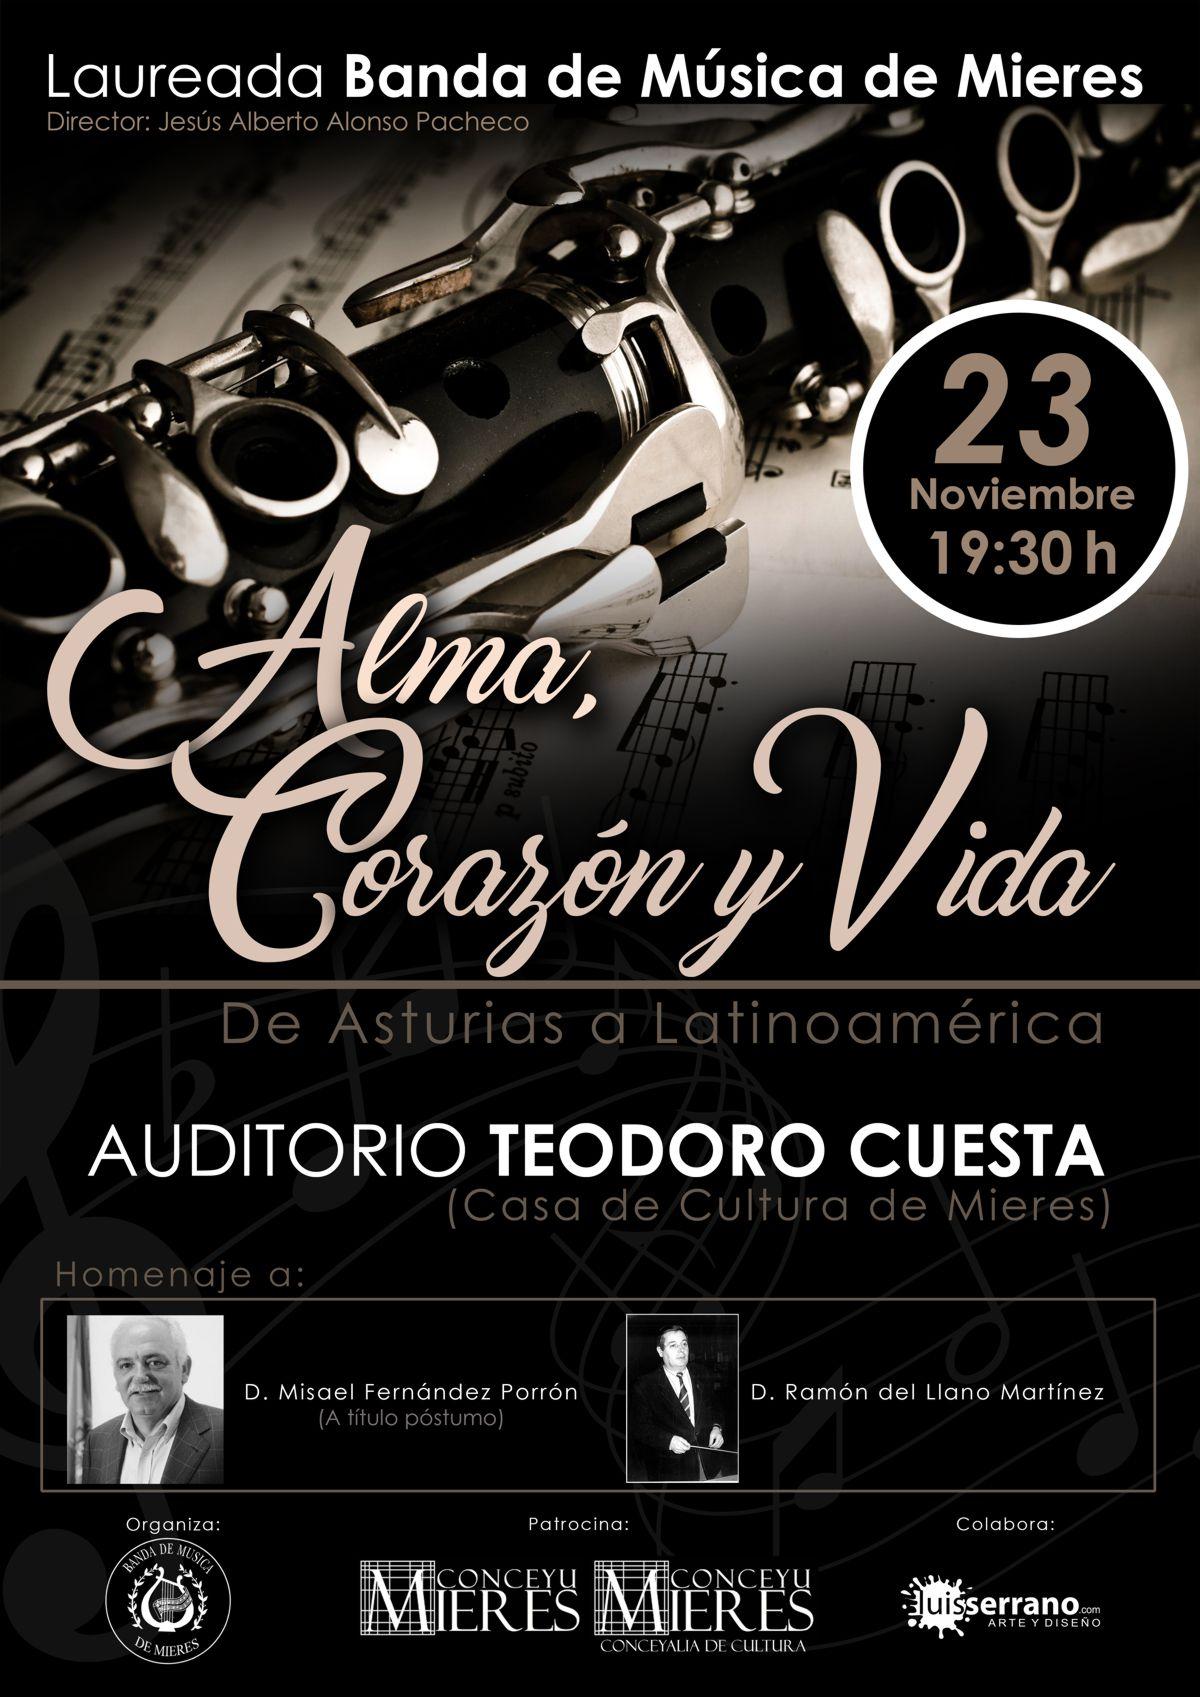 CARTEL Web AMAM Concierto De Santa Cecilia 2019